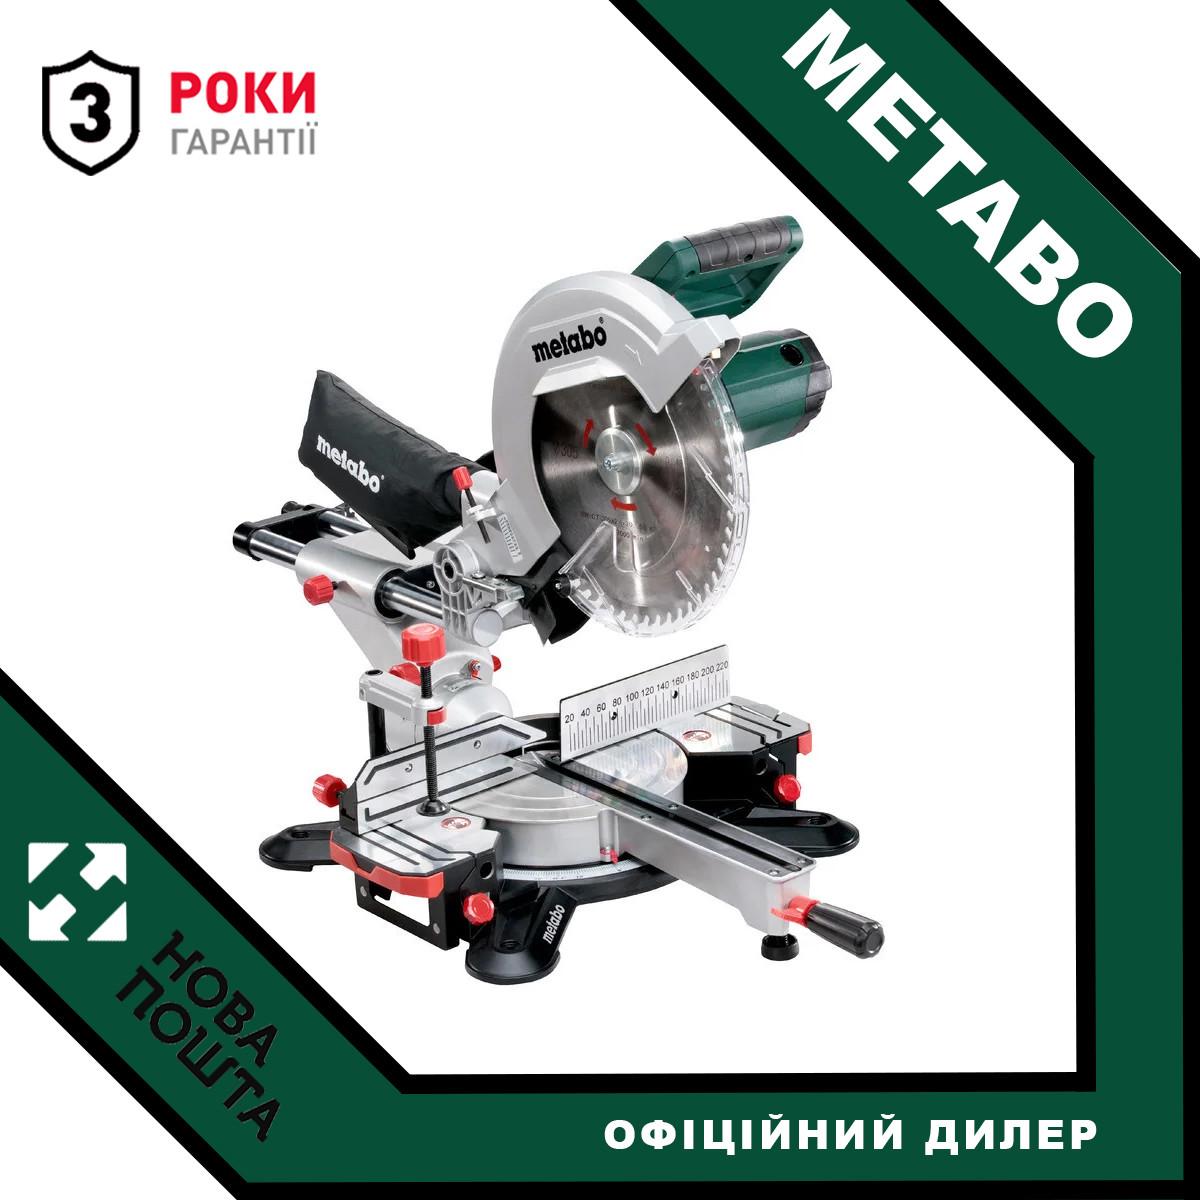 Пила торцювальна Metabo KGS 305 M (619305000) + Пильний диск по дереву!